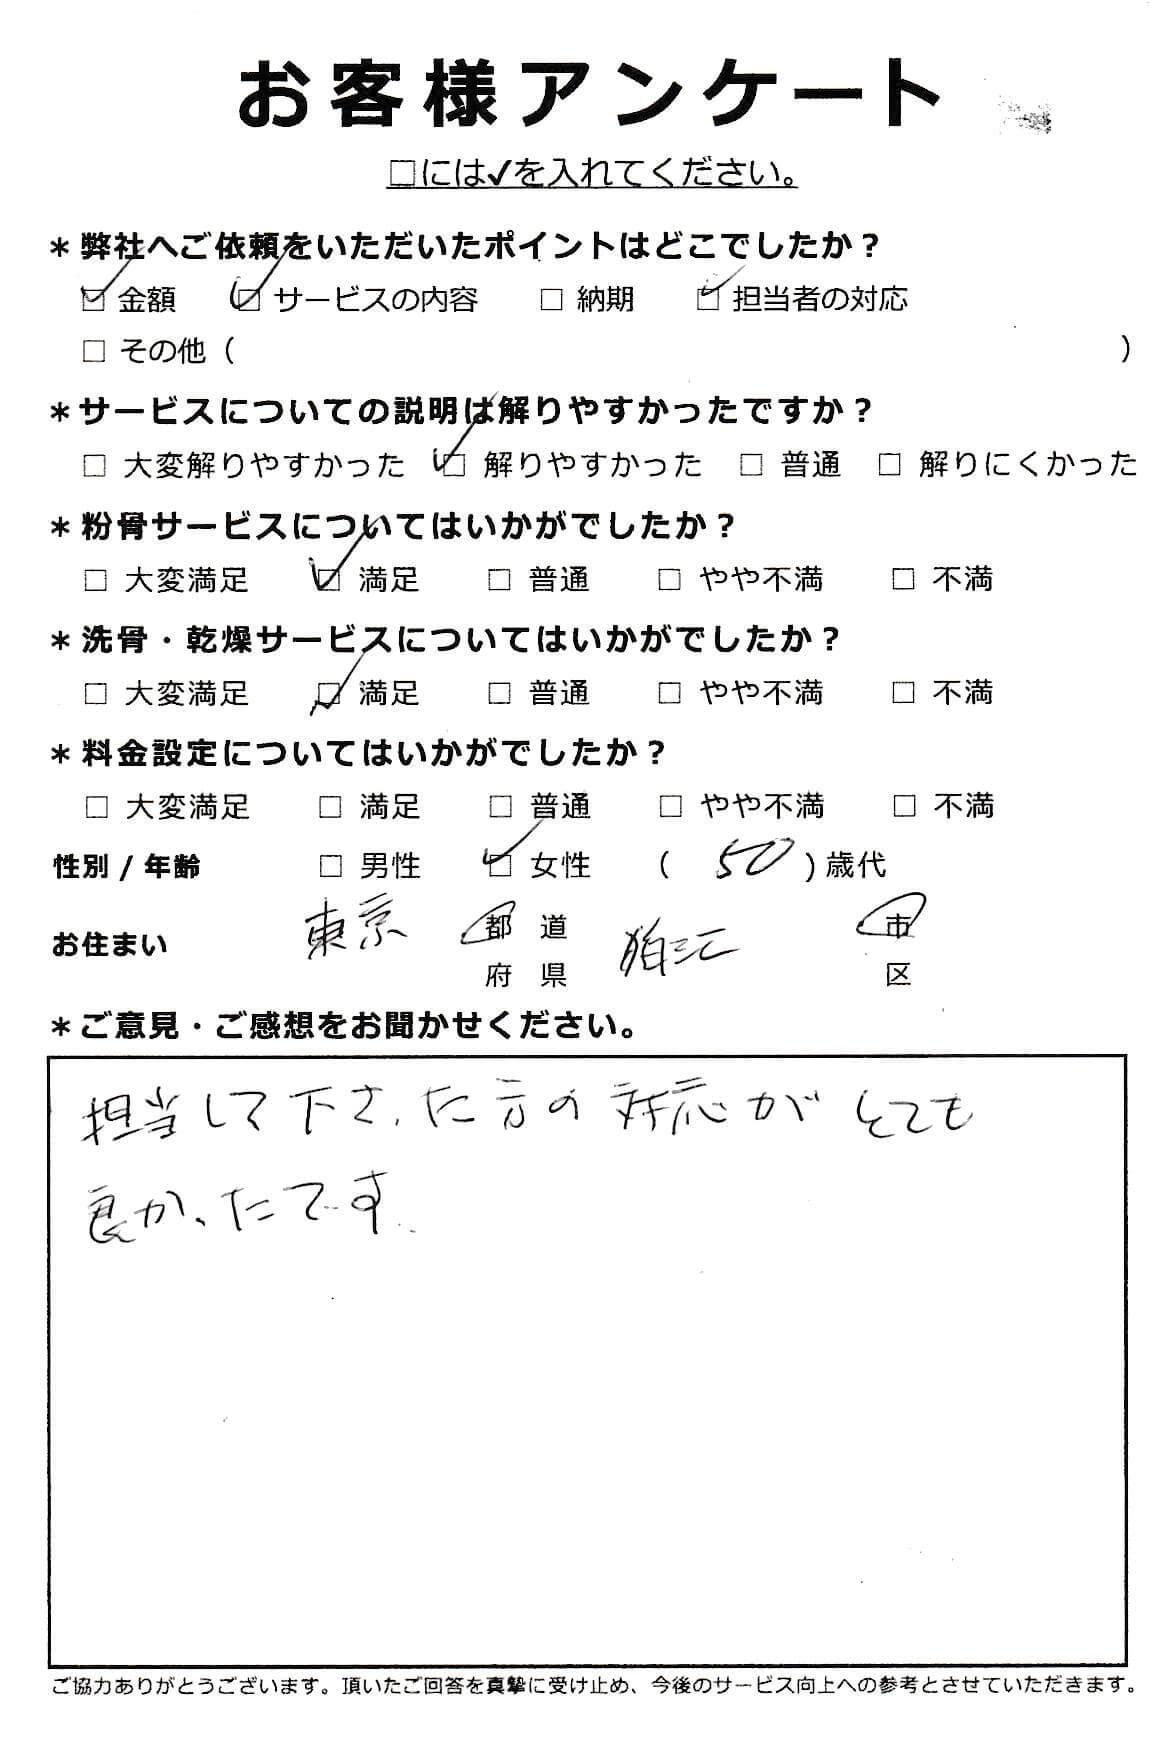 東京都狛江市での洗骨・乾燥サービス